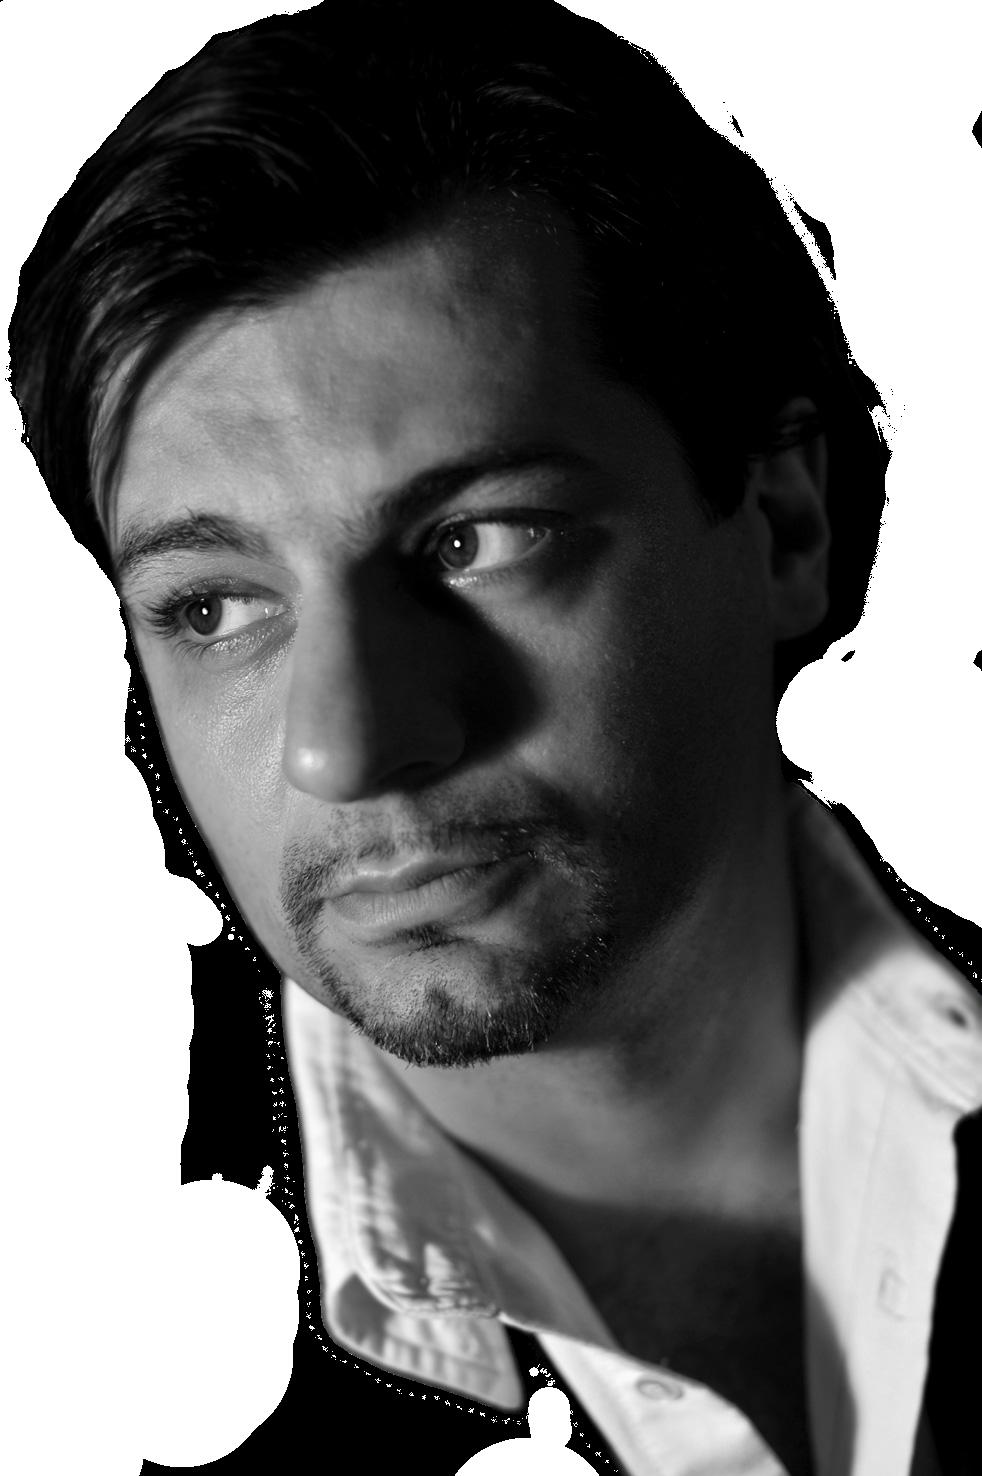 Paolo Cavallone - Photo by Luca Del Monaco